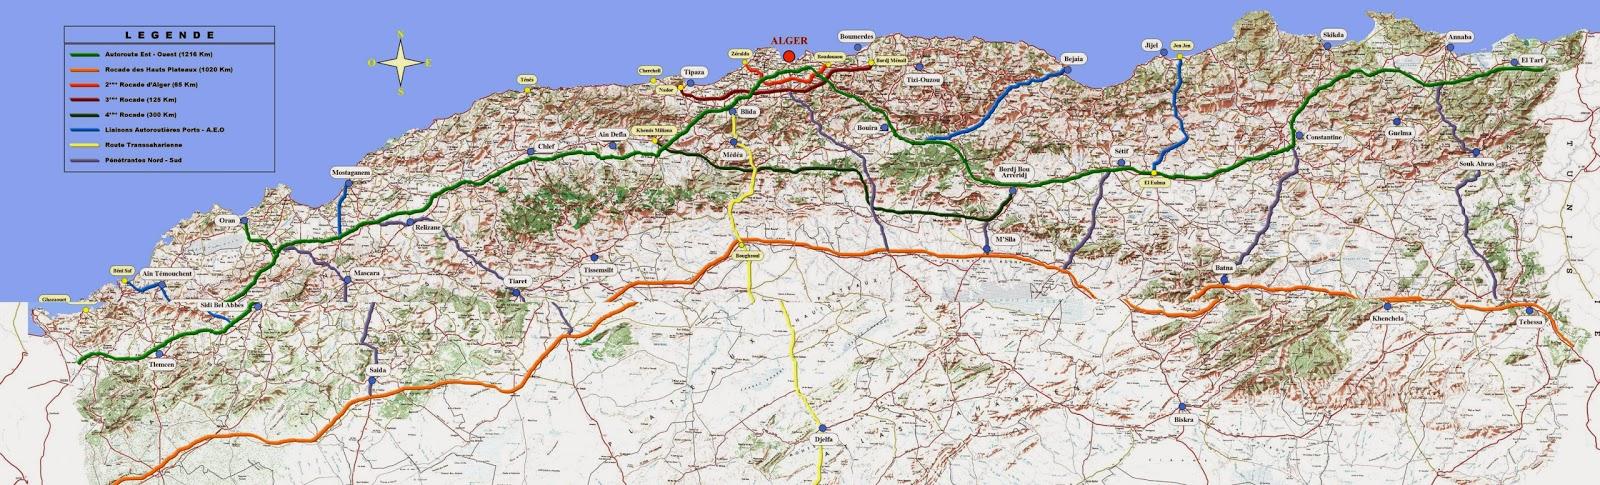 Carte Algerie Autoroute Est Ouest.Topographie L Autoroute Est Ouest Algerie